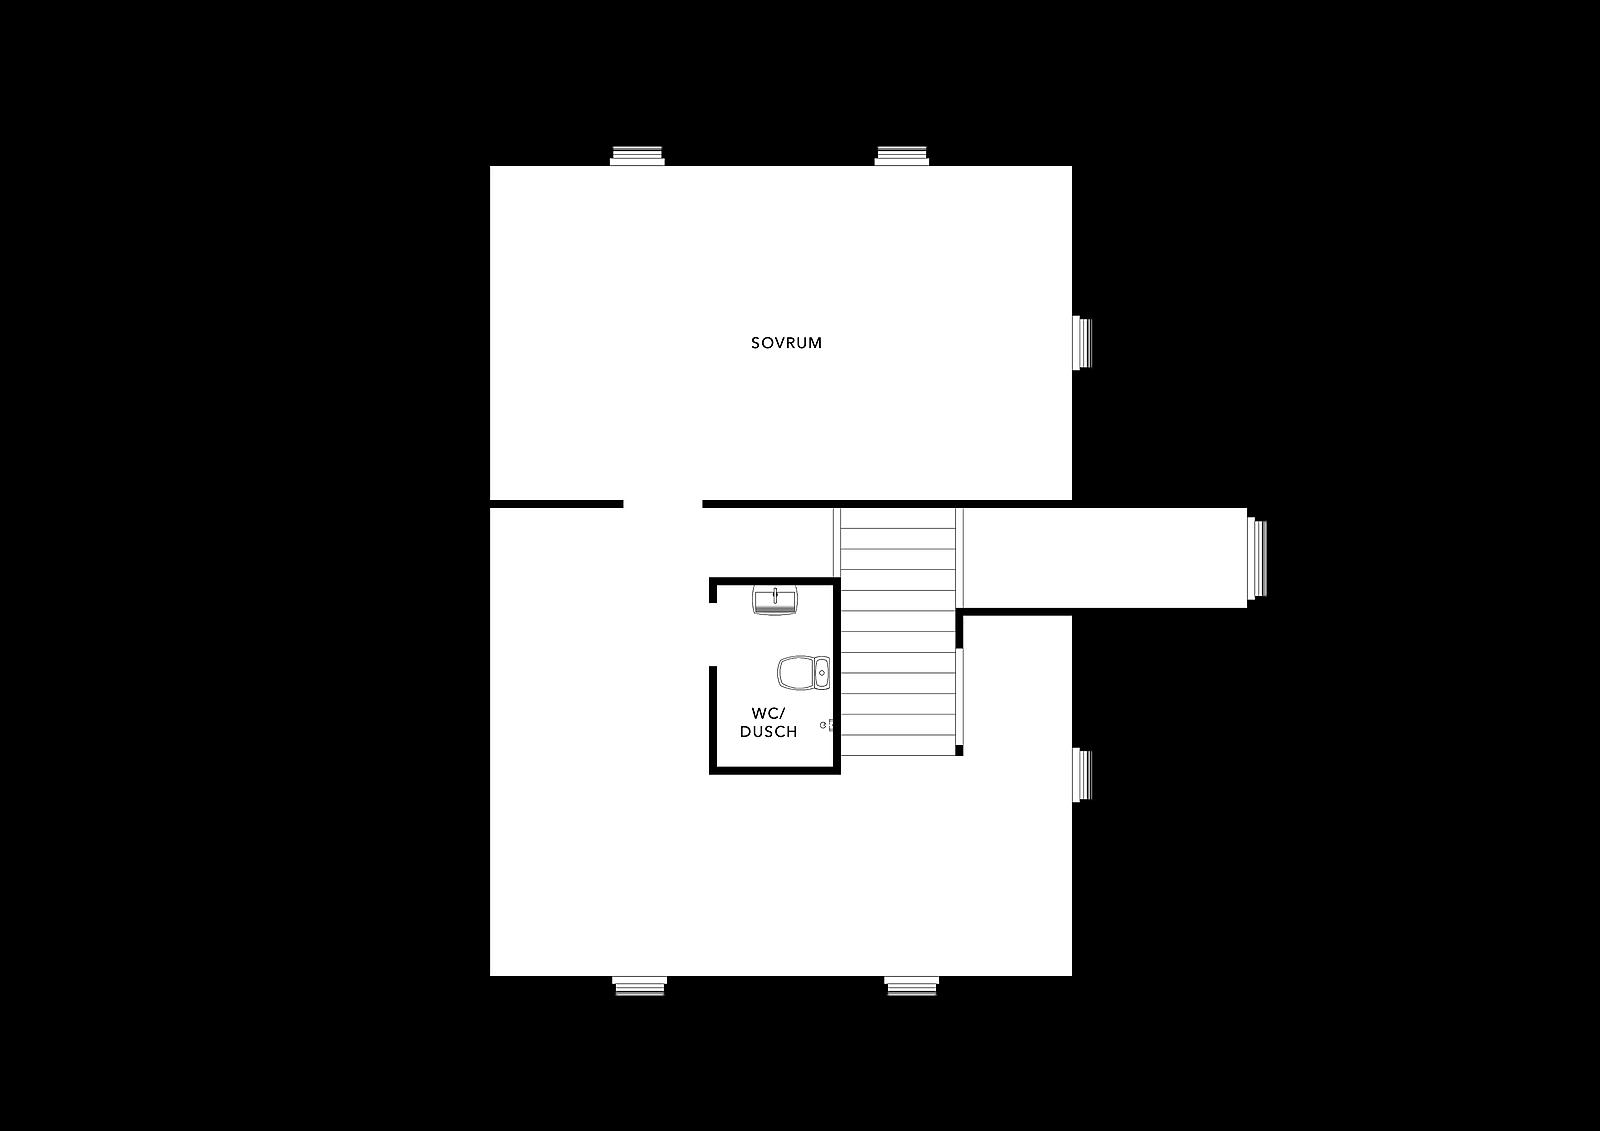 62680 hesslegardpl annex 2D 1